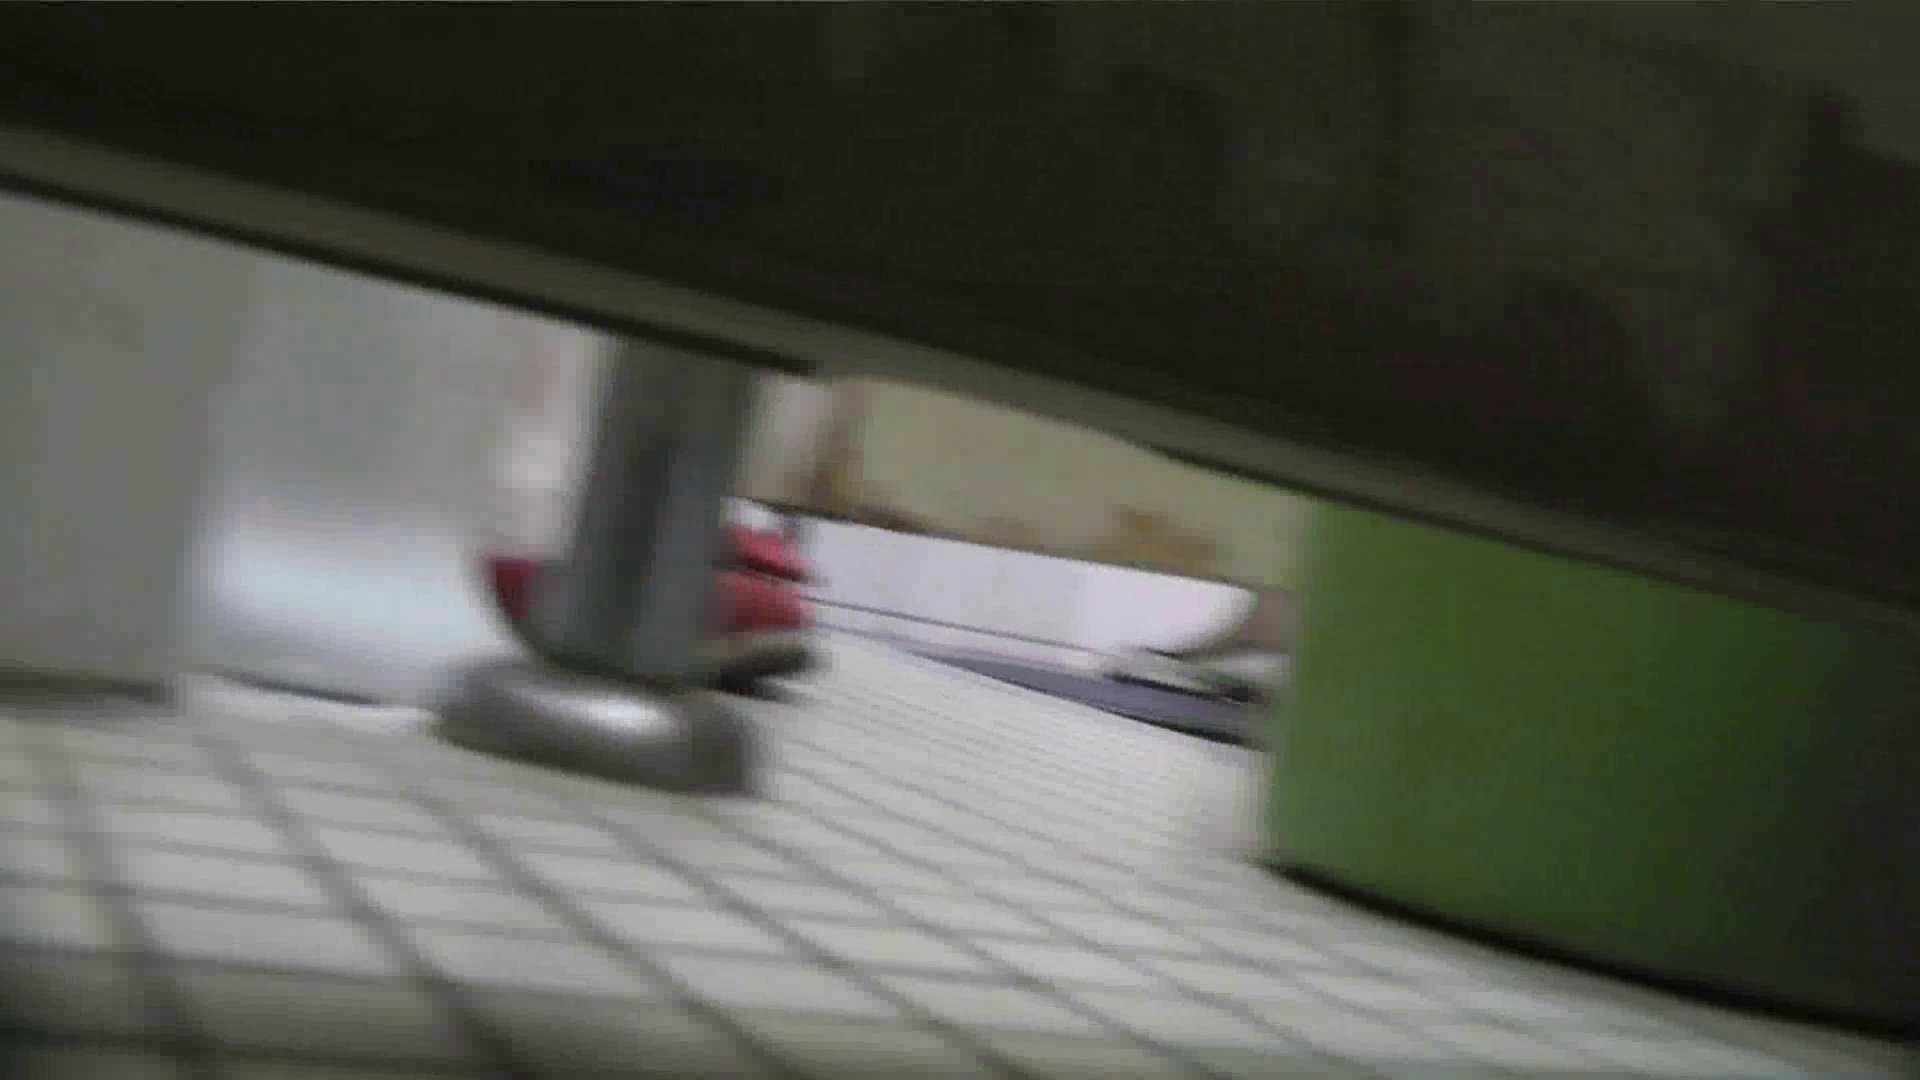 【美しき個室な世界】 vol.018 ピンクのおネエタン 洗面所  82pic 35